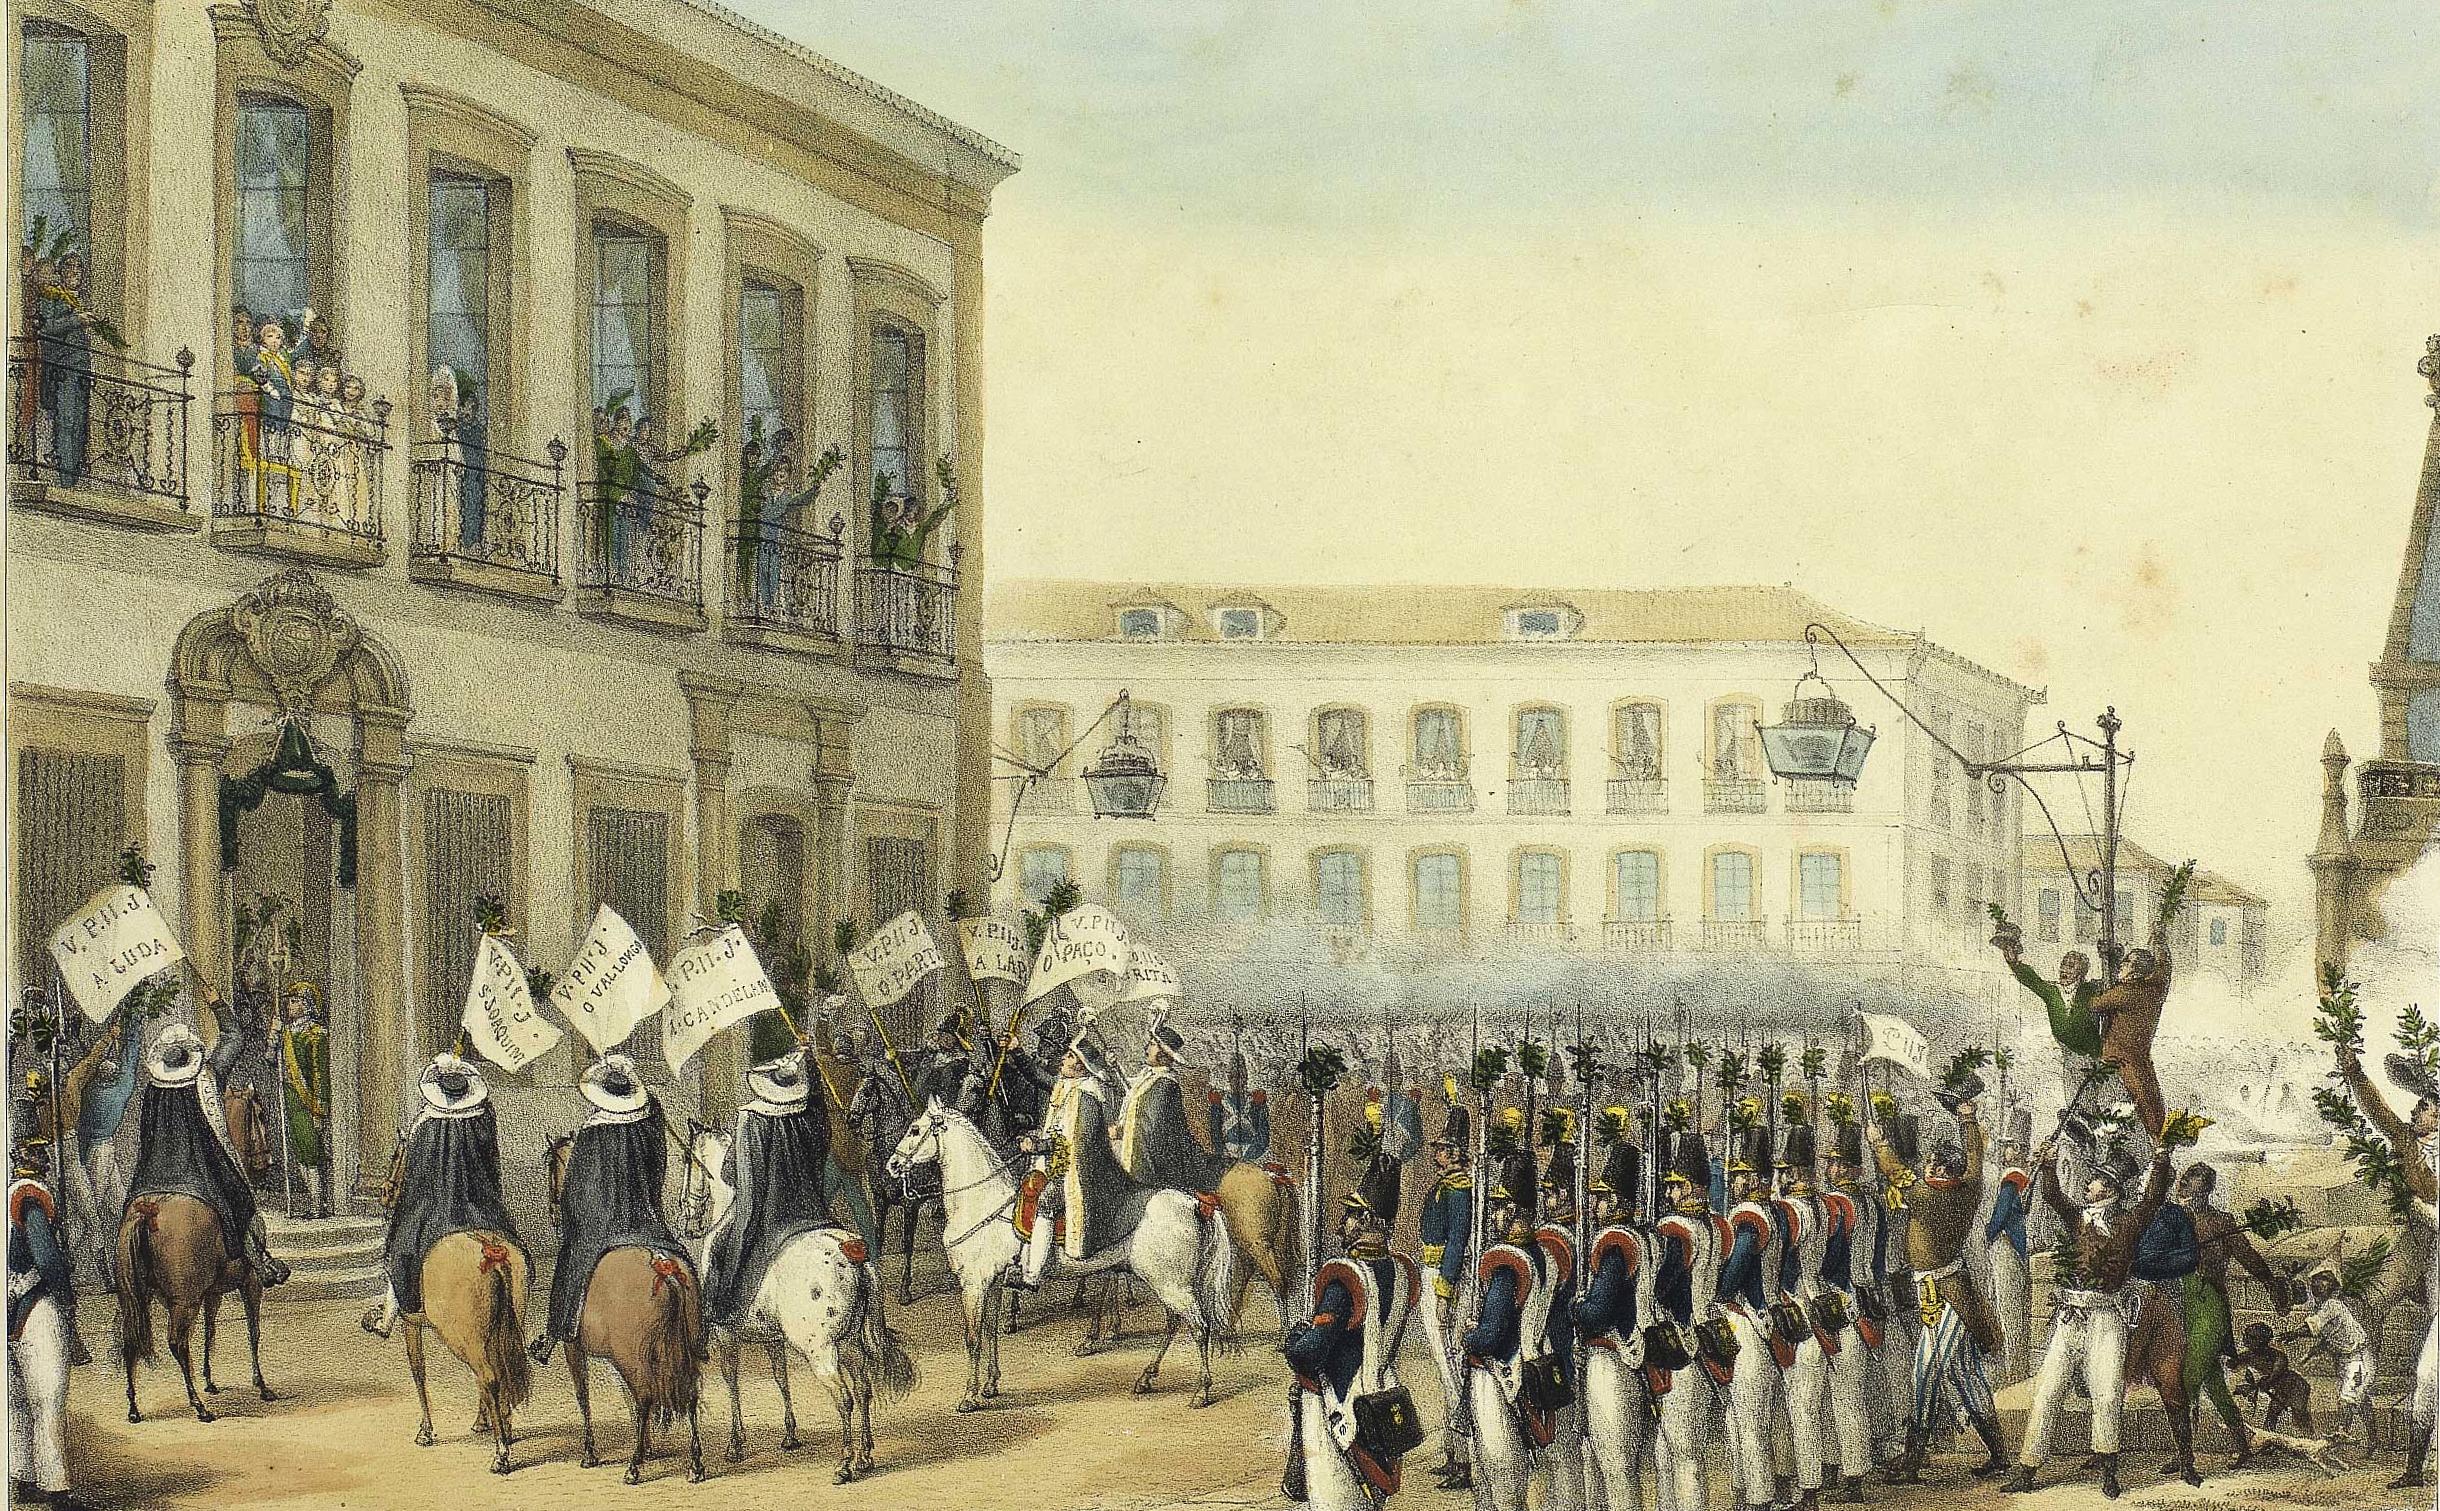 (1) Acclamation de D. Pedro II: à Rio de Janeiro le 7 avril, 1831.<br> Jean-Baptiste Debret. Acervo da Fundação Biblioteca Nacional – Brasil